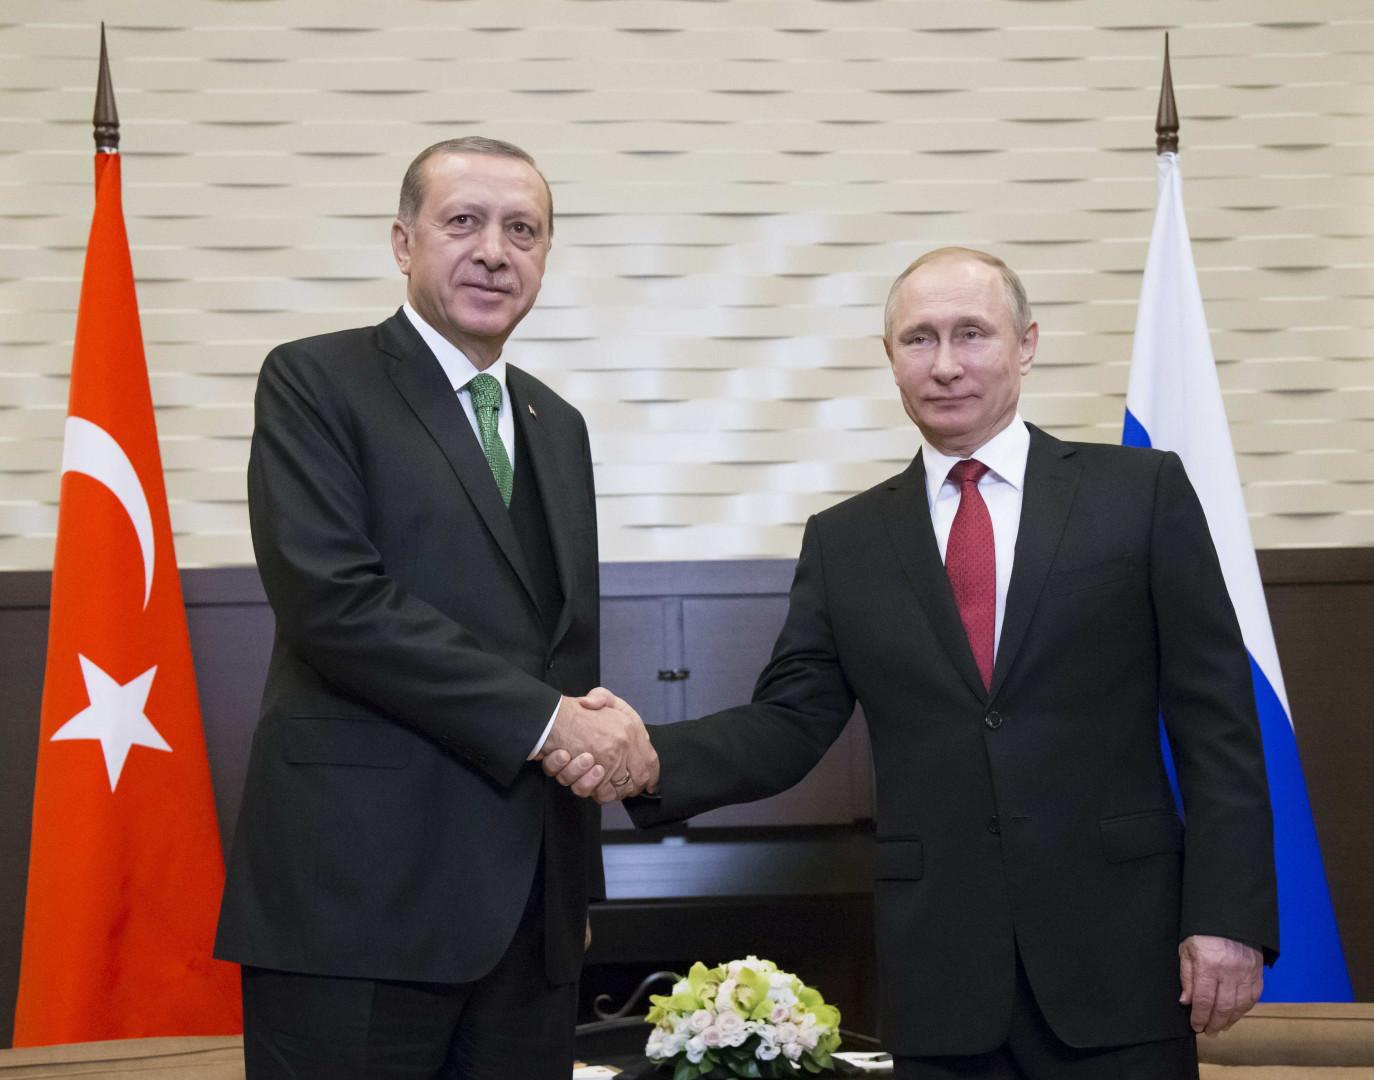 Yaptırımları askıya almaya karar veren NATO veya Rusya